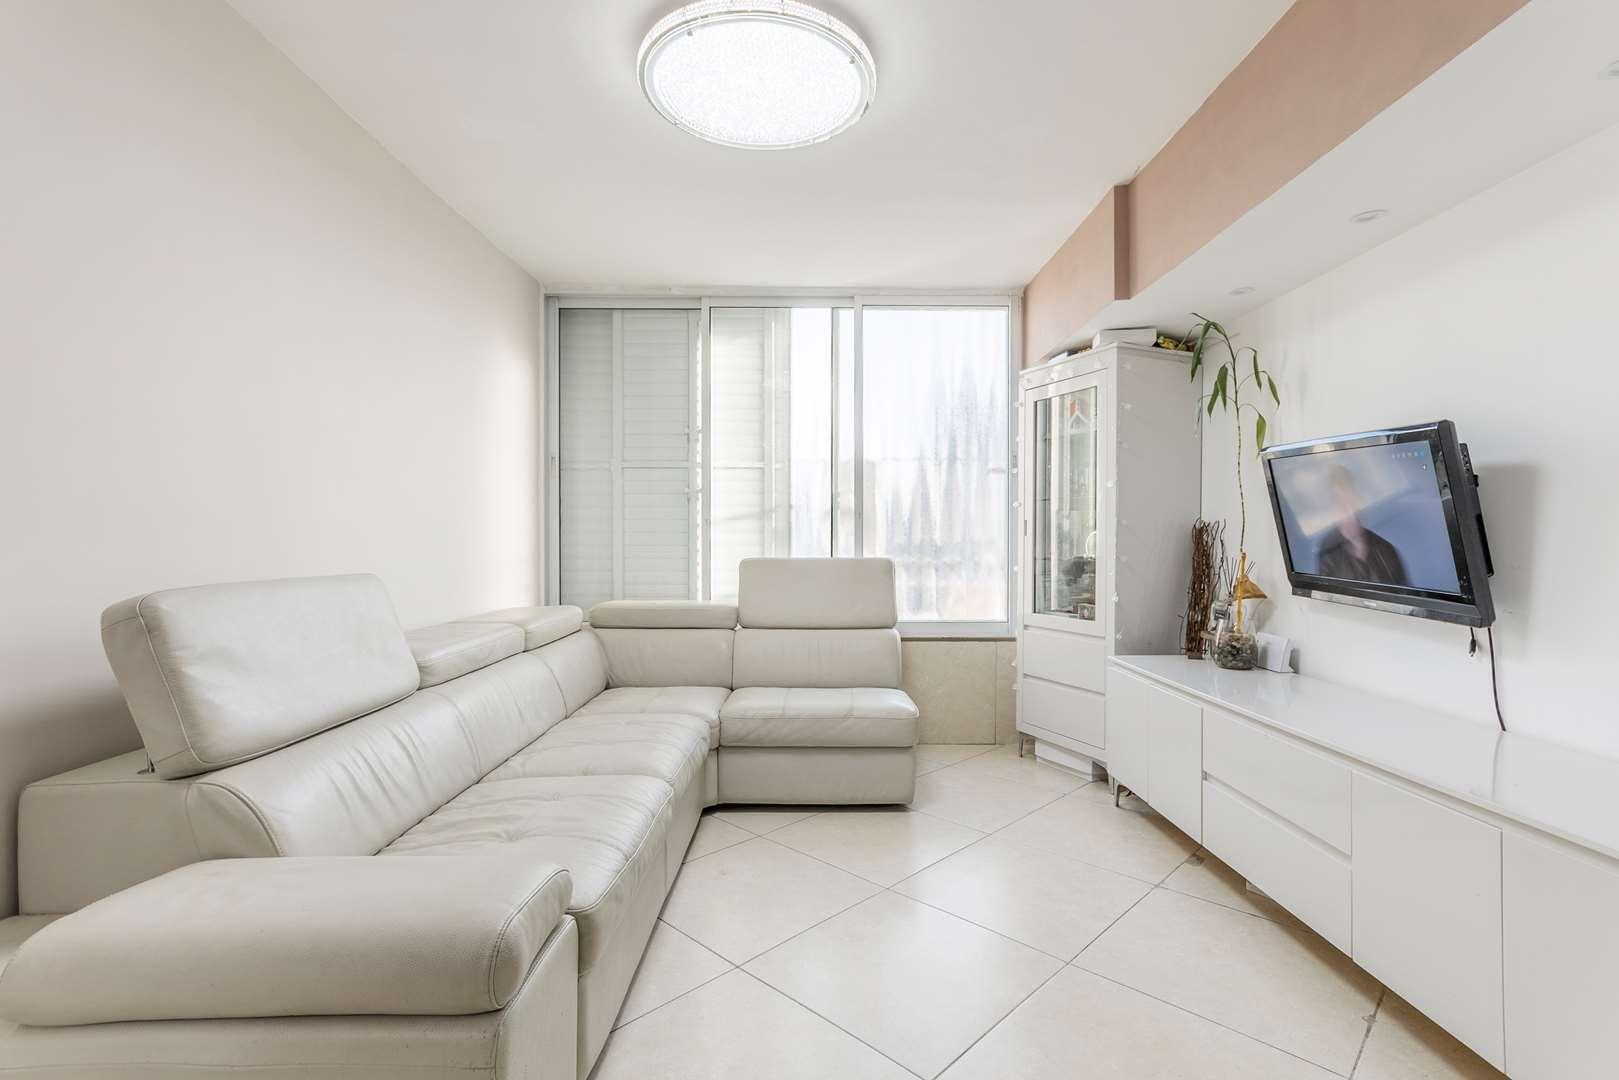 דירה למכירה 4 חדרים בחולון תל גיבורים החים